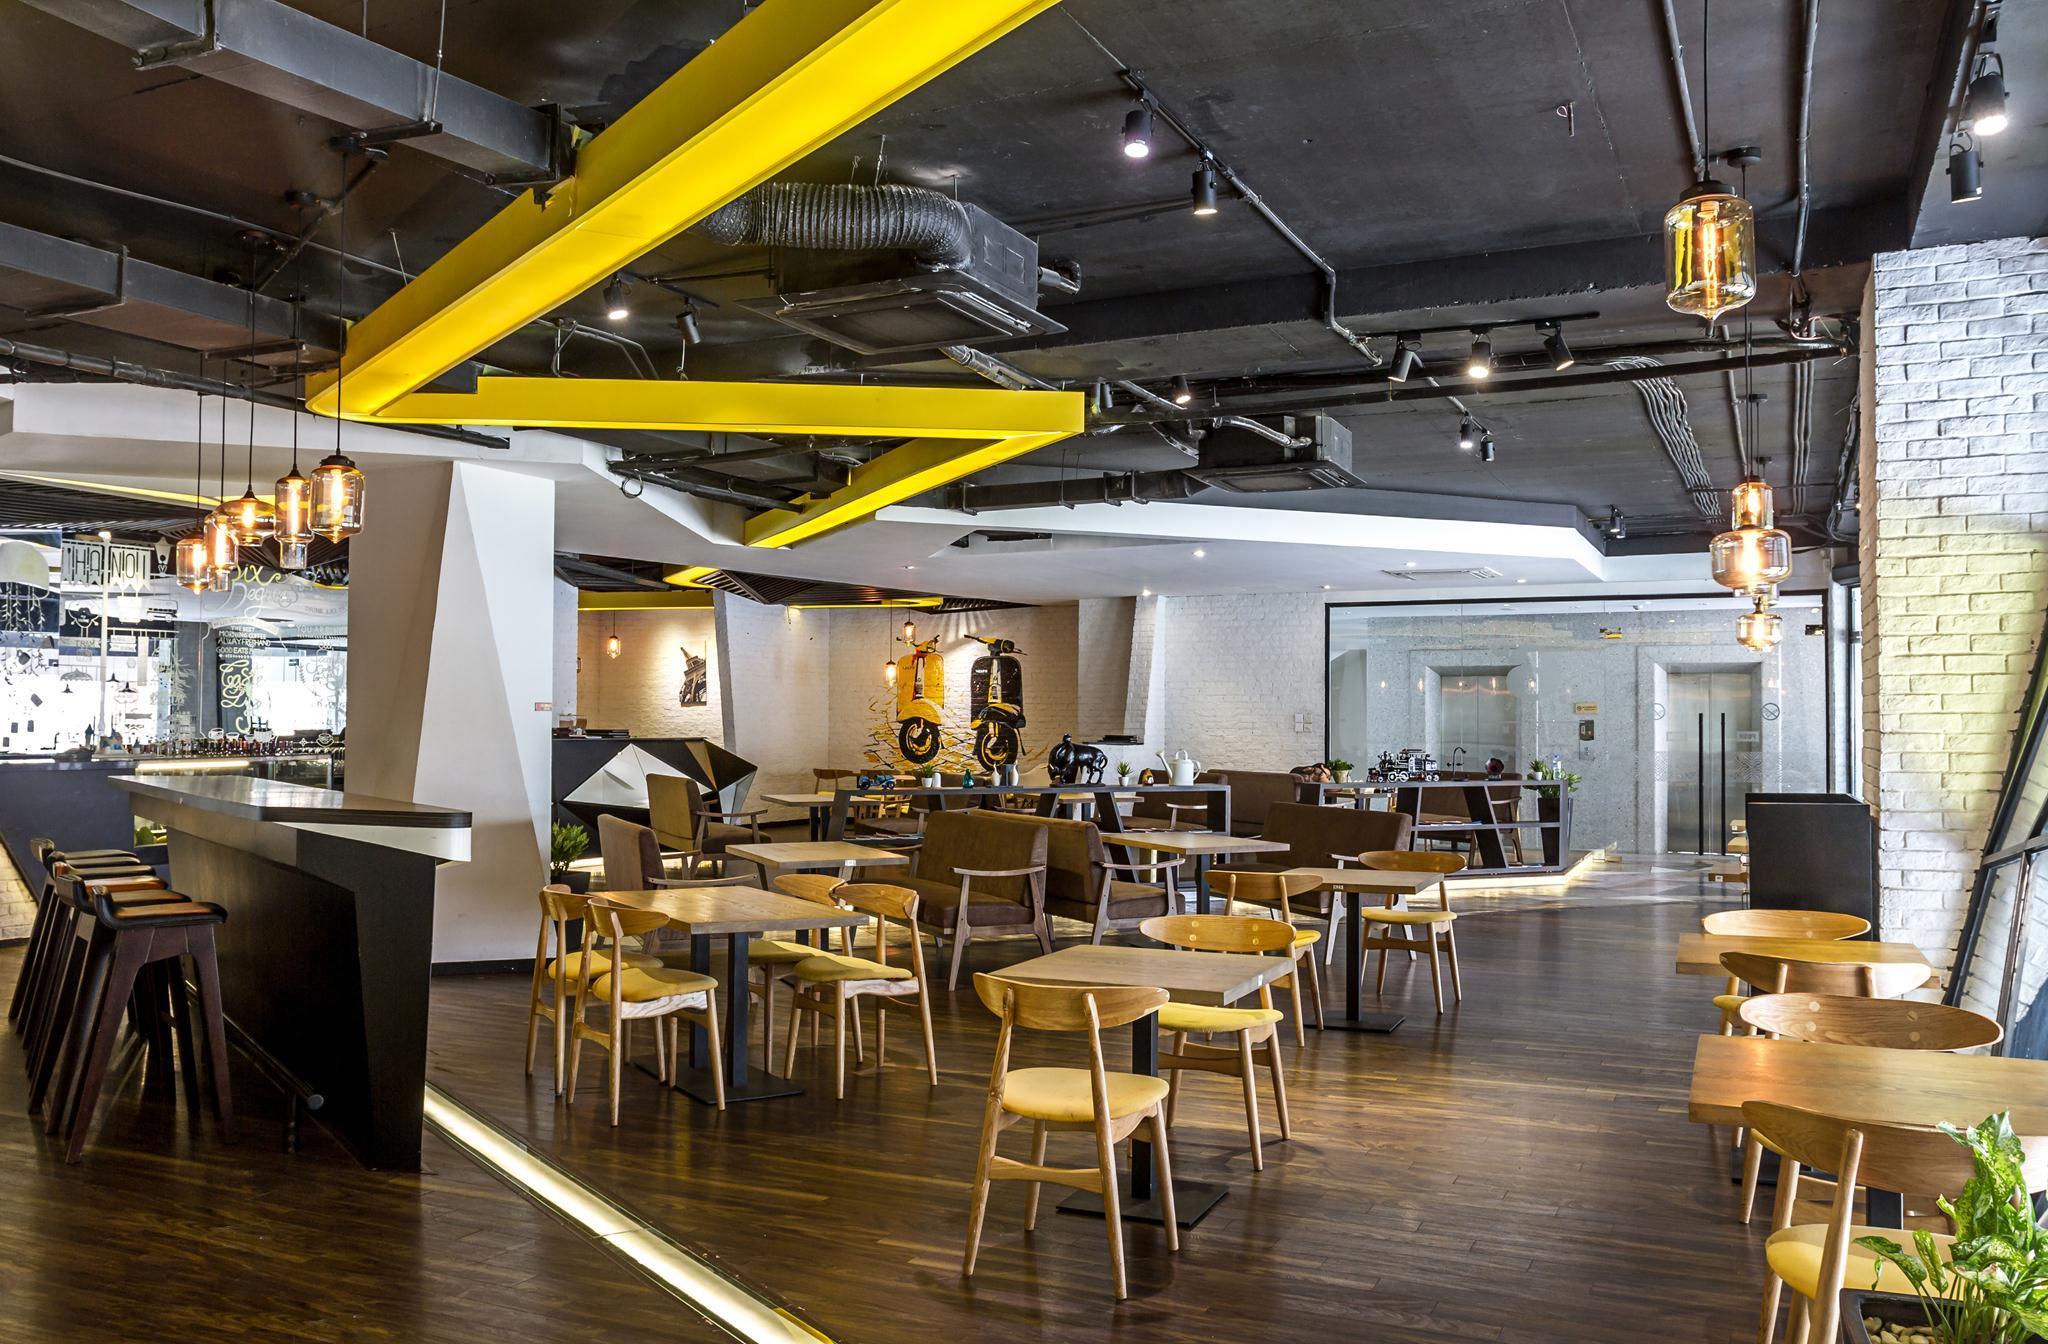 Nhà hàng 6 Degrees. Ảnh (c) Hoang Le